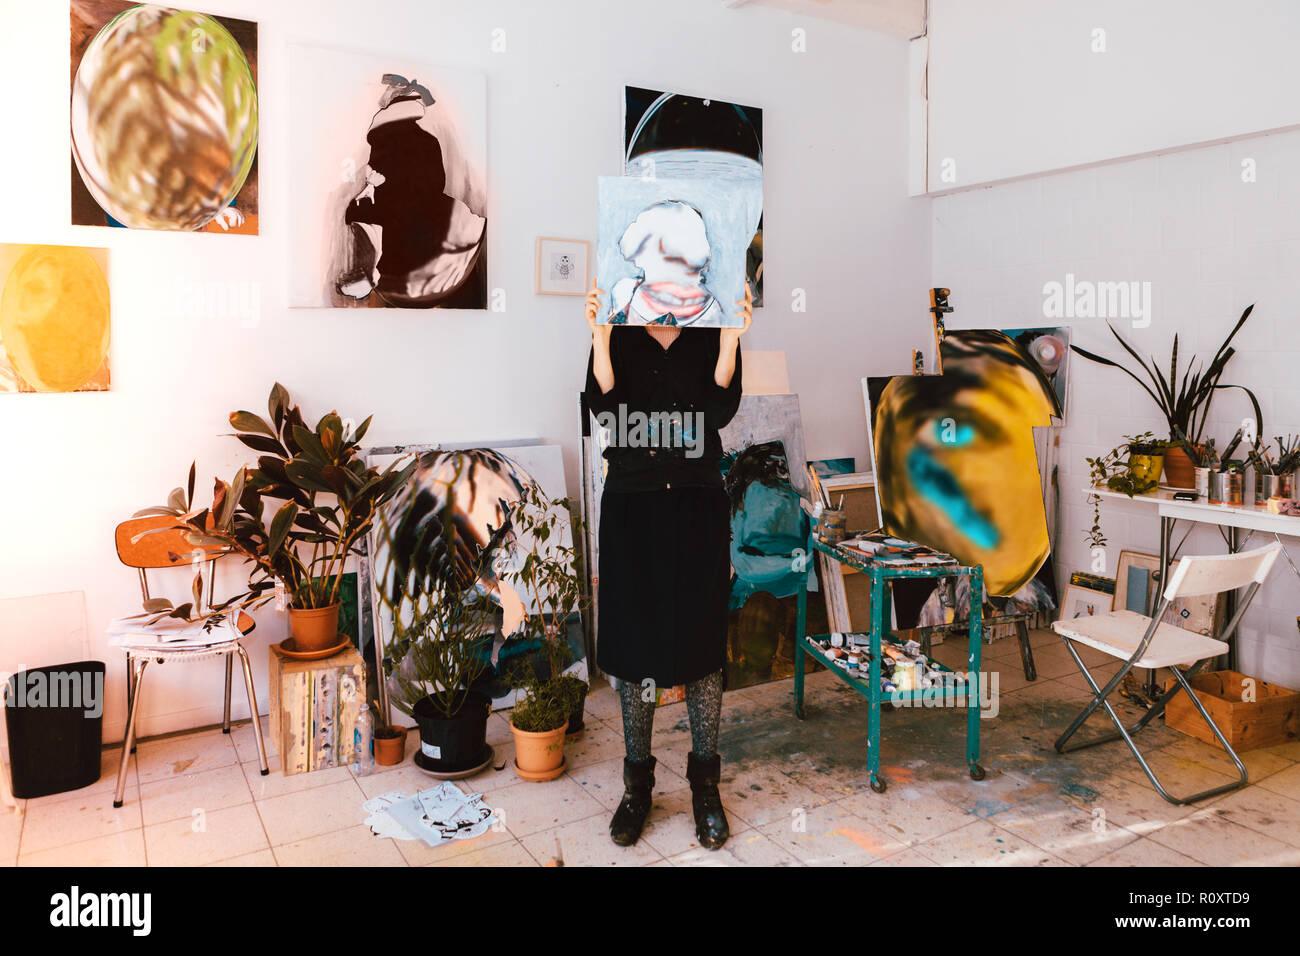 Atelier22 Virtuelle Fuhrung Durch Die Ausstellung Faszination Malerei Alle Ausgestellten Werke Von Gabriele Templin Kirz Nun Im Netz Celler Presse